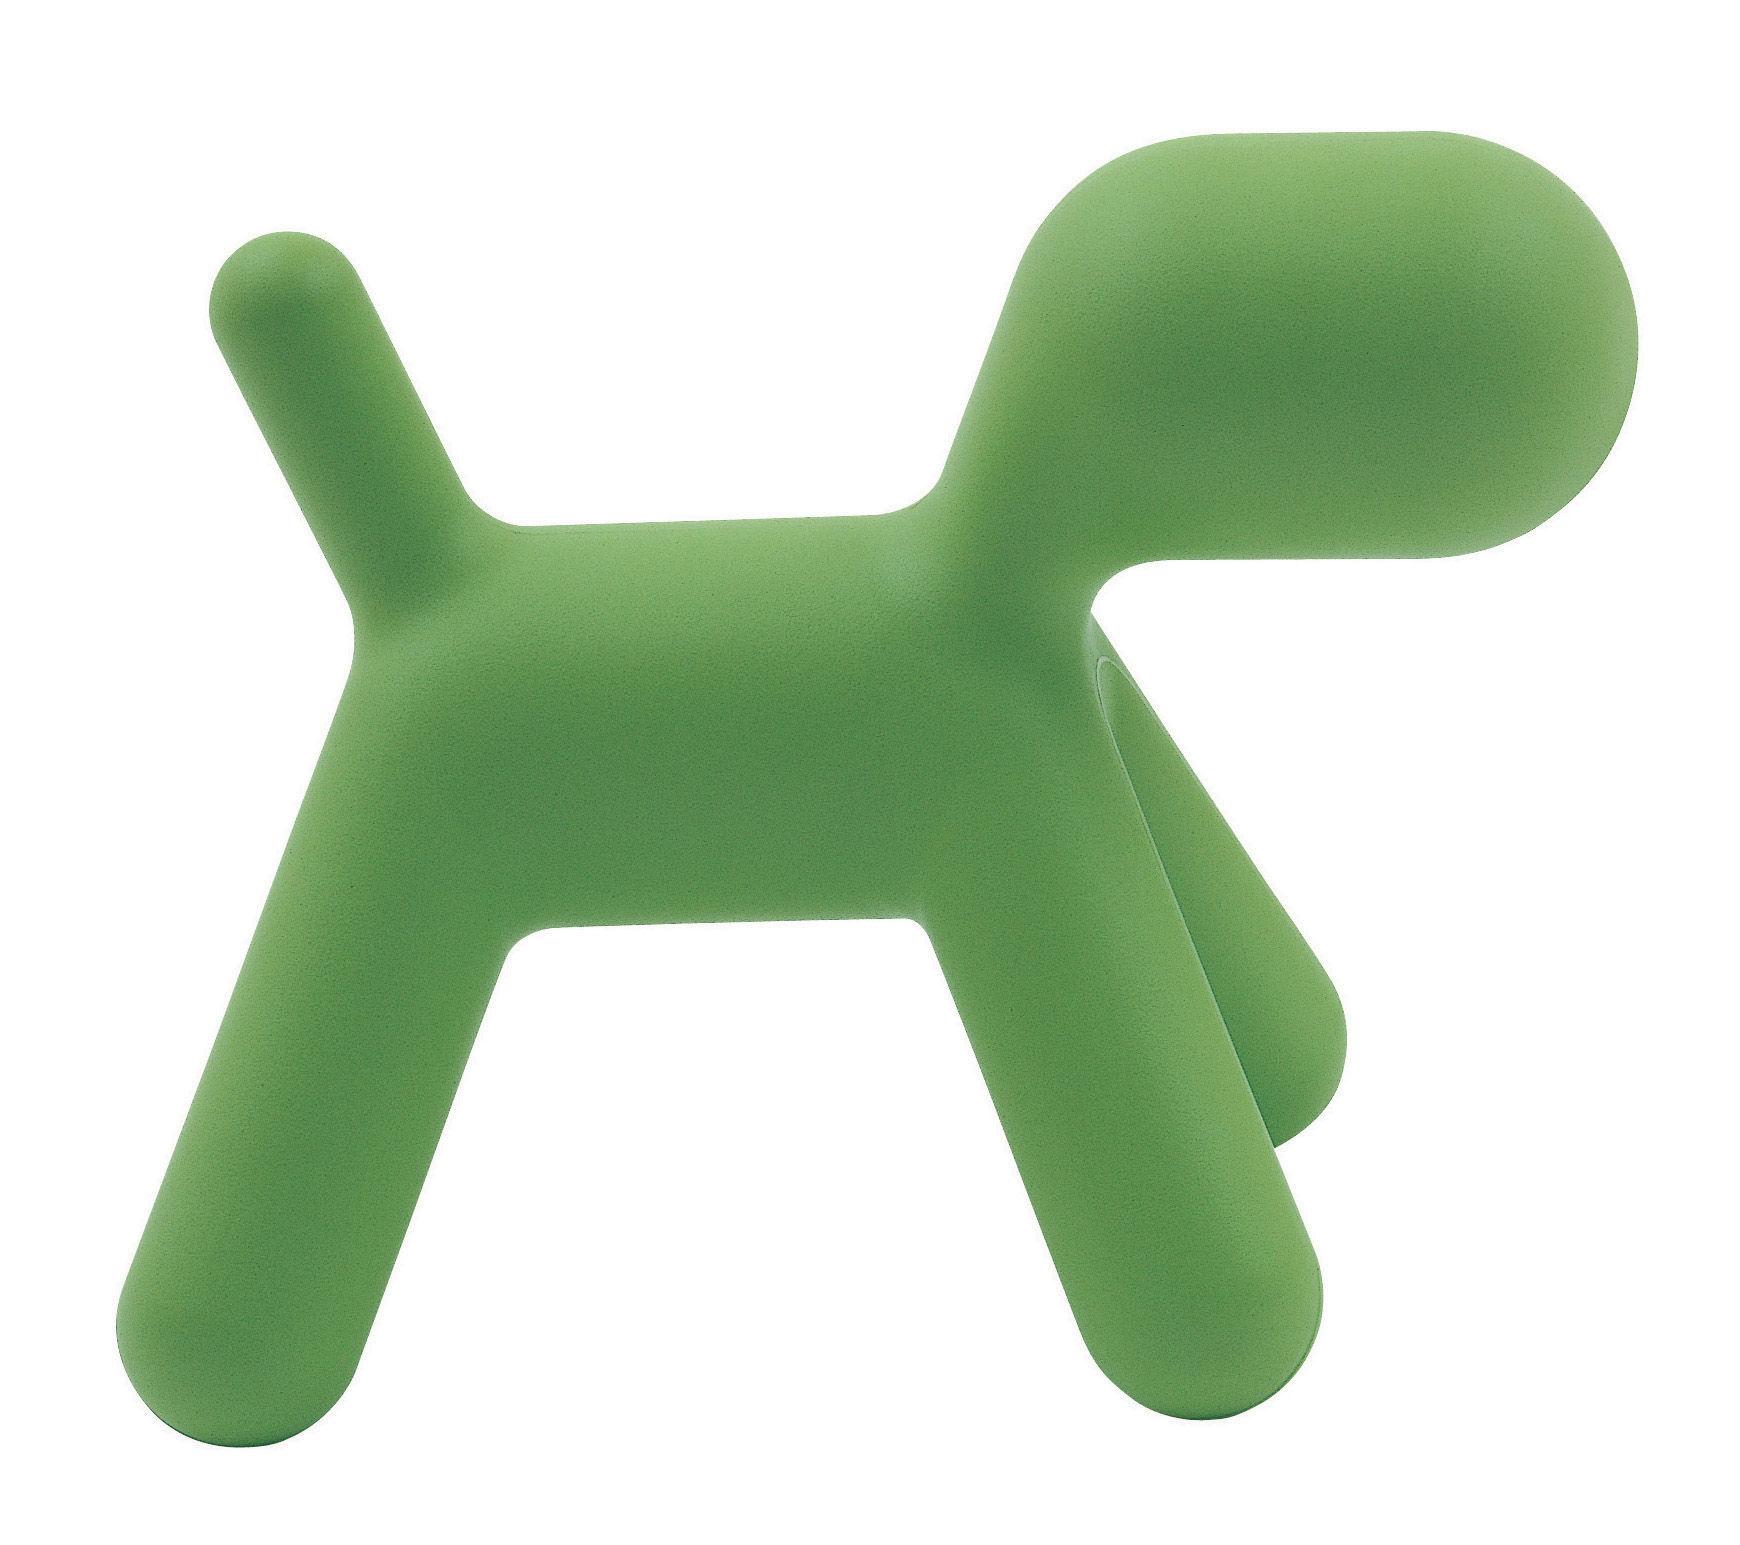 Möbel - Möbel für Kinder - Puppy Medium Kinderstuhl L 56 cm - Magis Collection Me Too - Grün, matt - Polyäthylen